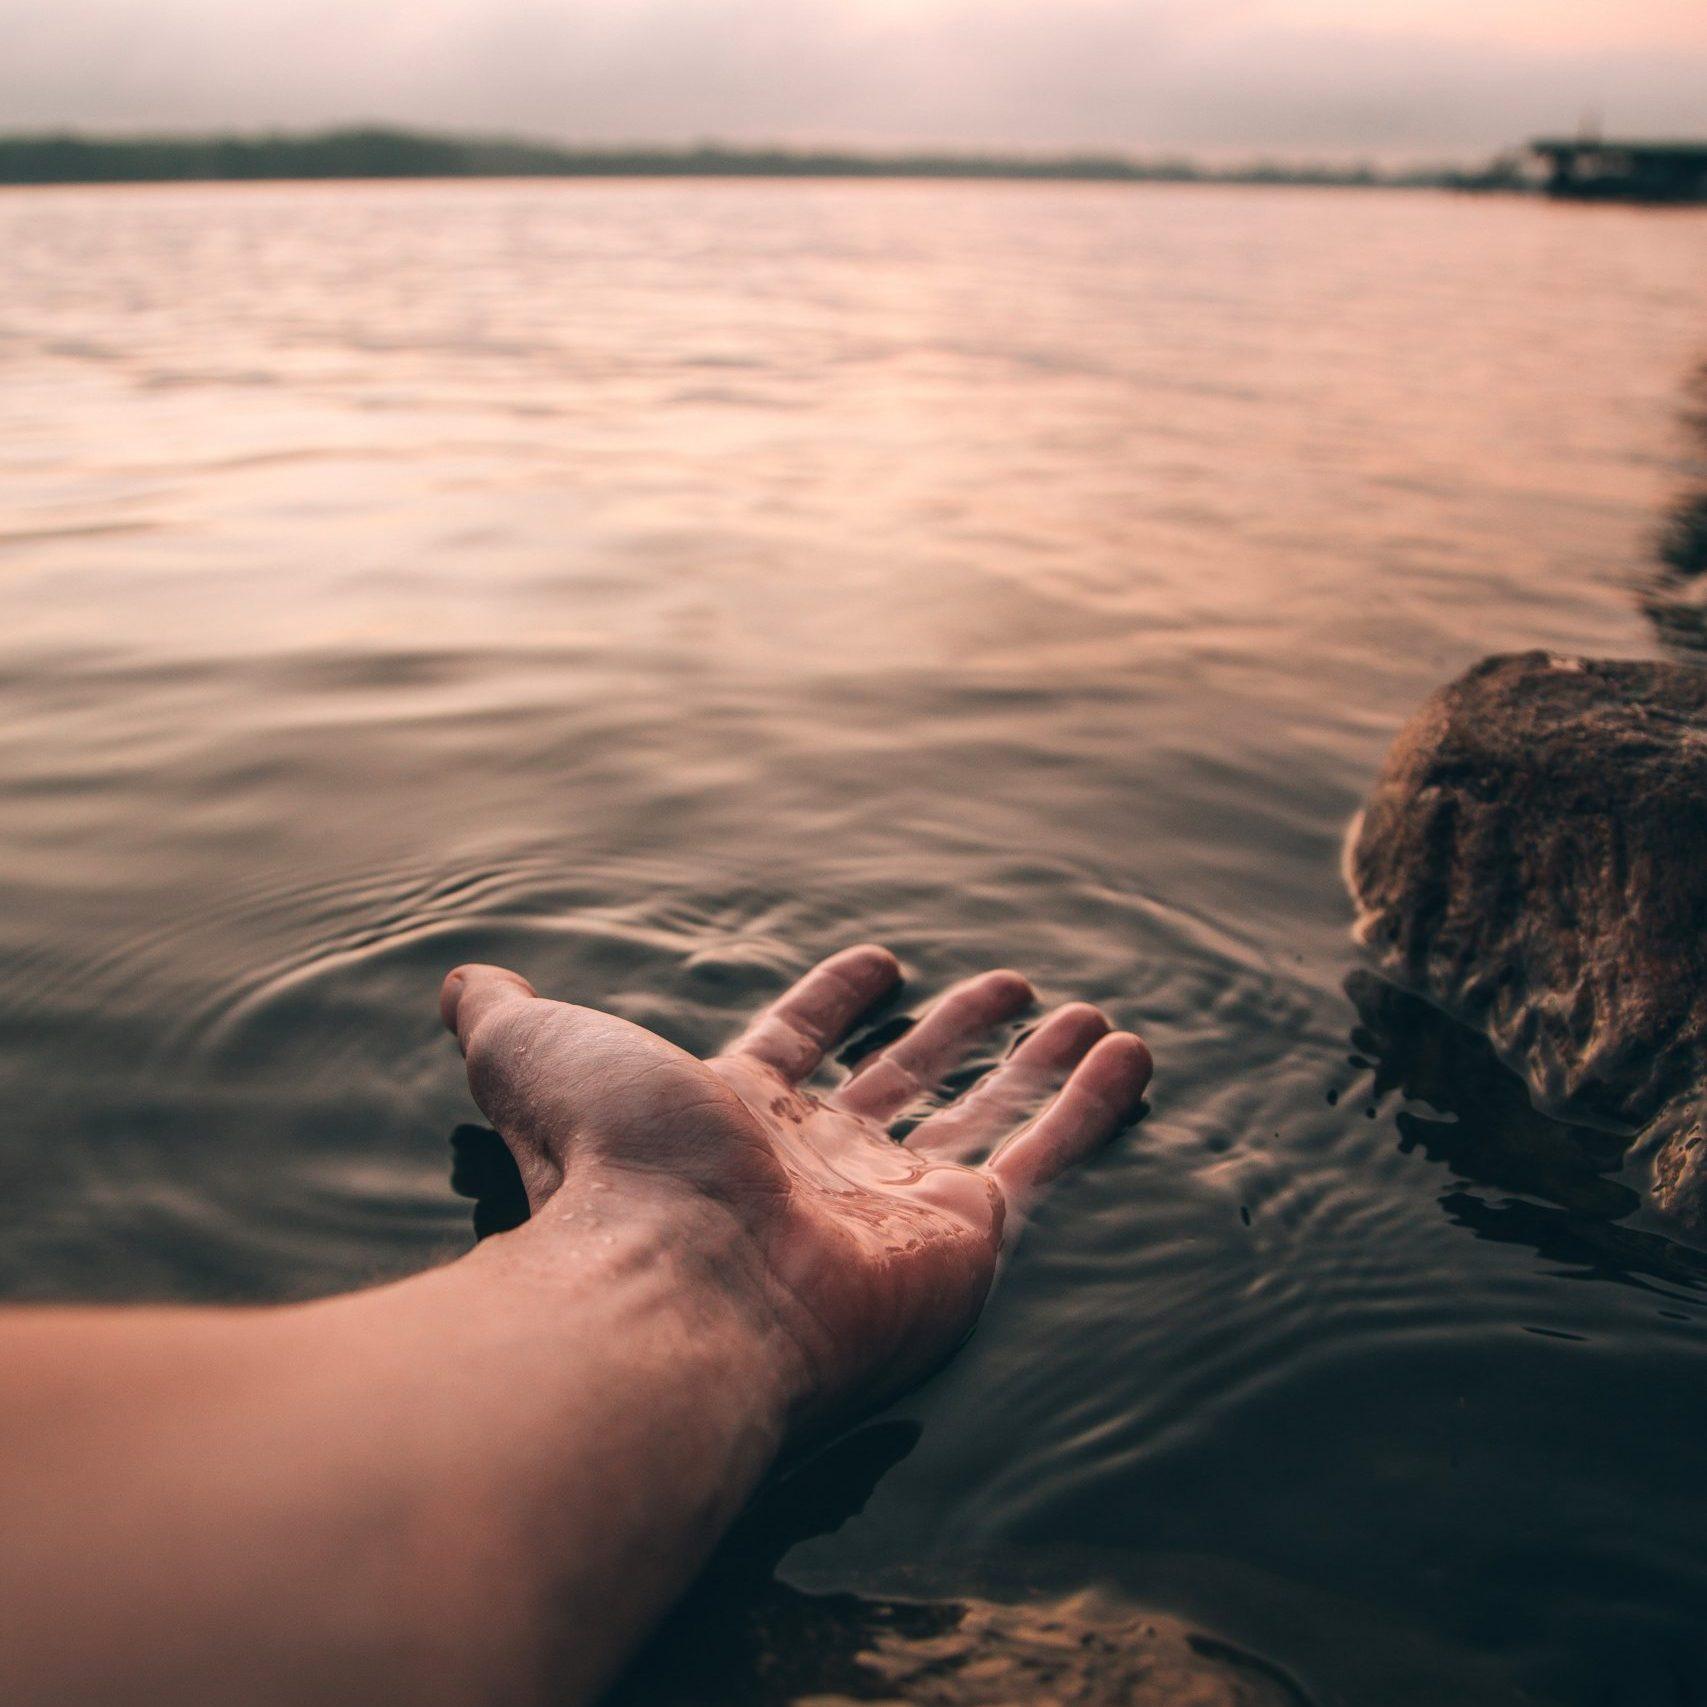 L'eau est un merveilleux élément qui peut provoquer de belles sensations.